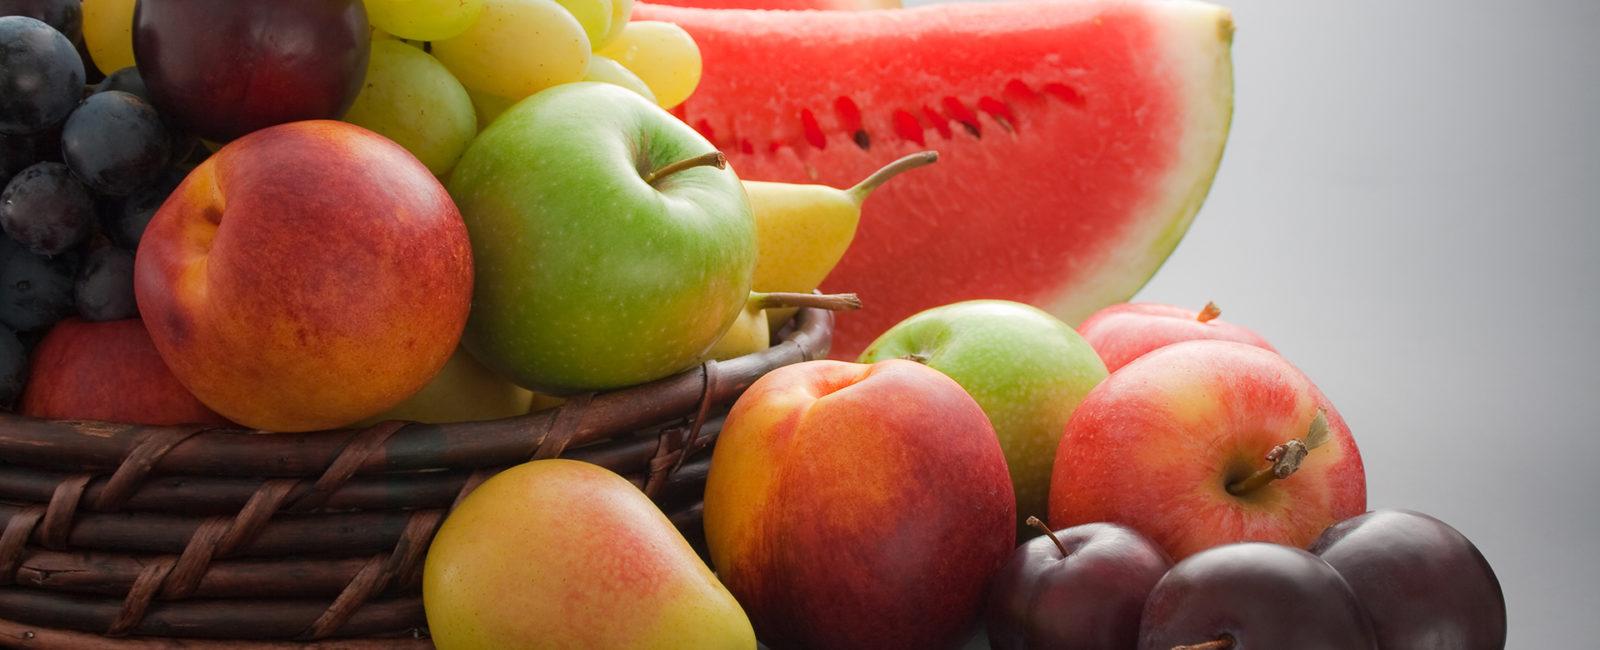 Vorteile einer Darmsanierung bei Fructoseintoleranz